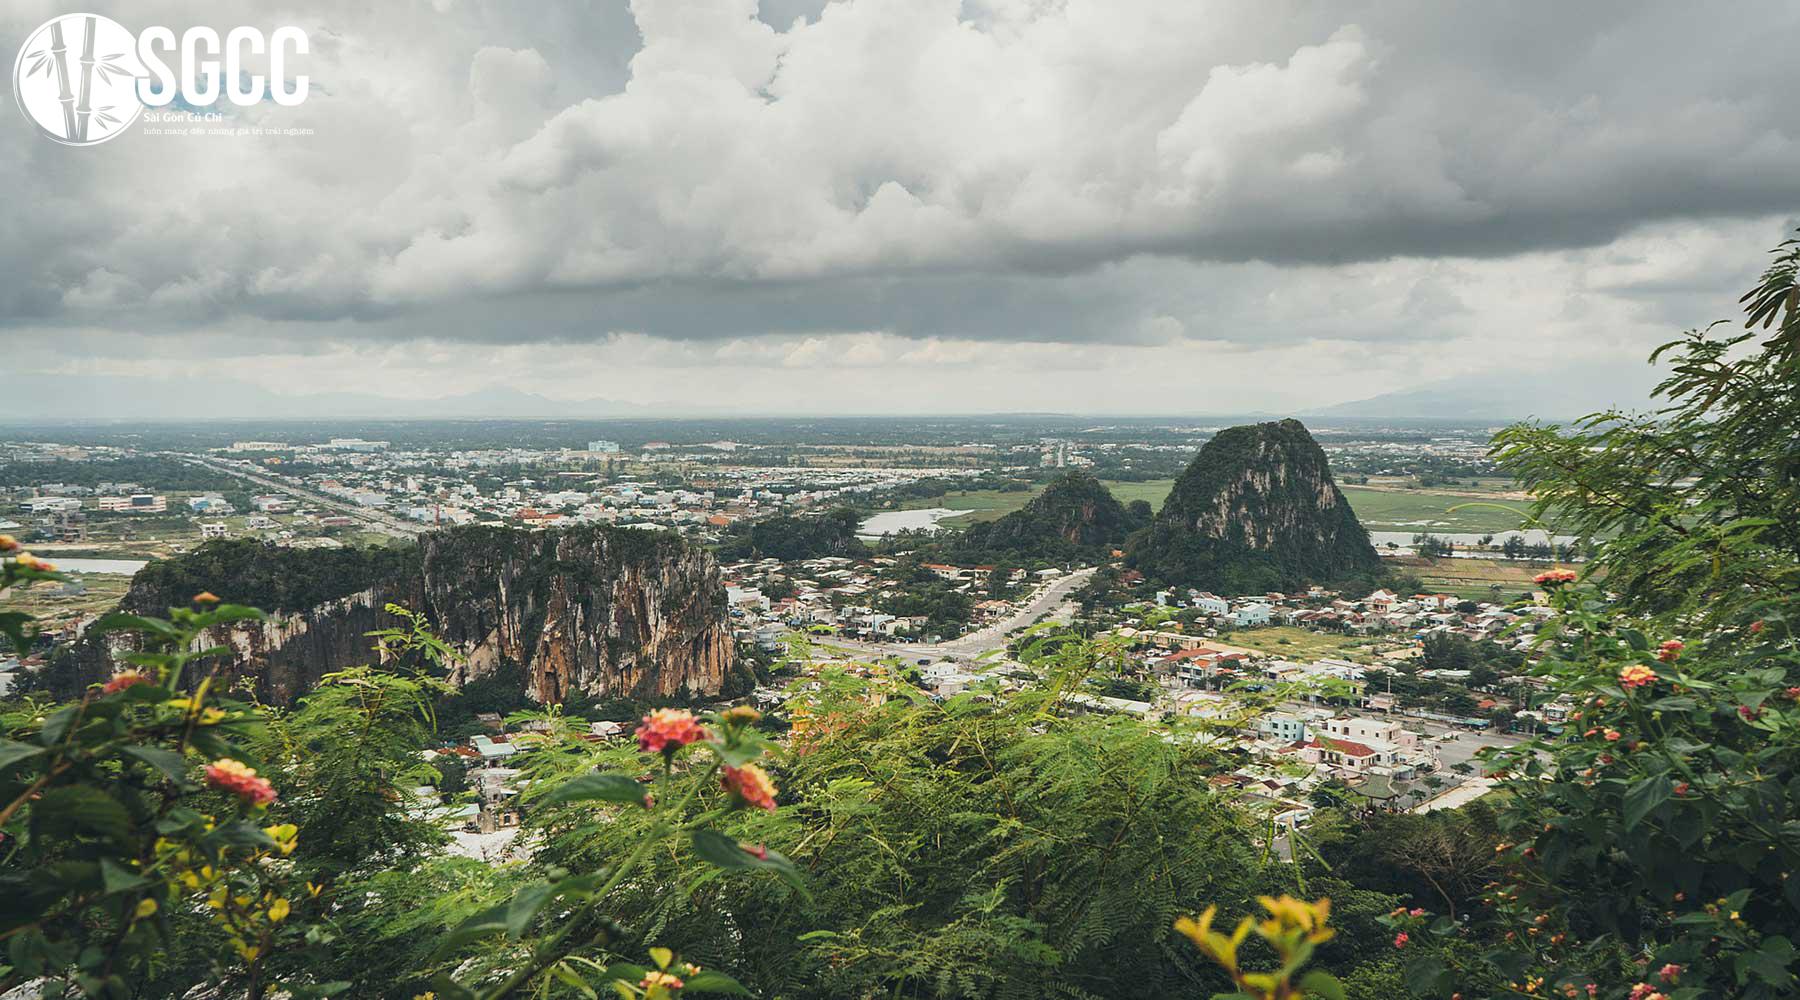 Tour du lịch Sài Gòn – Đà Nẵng – Bà Nà Hill 4 ngày 3 đêm